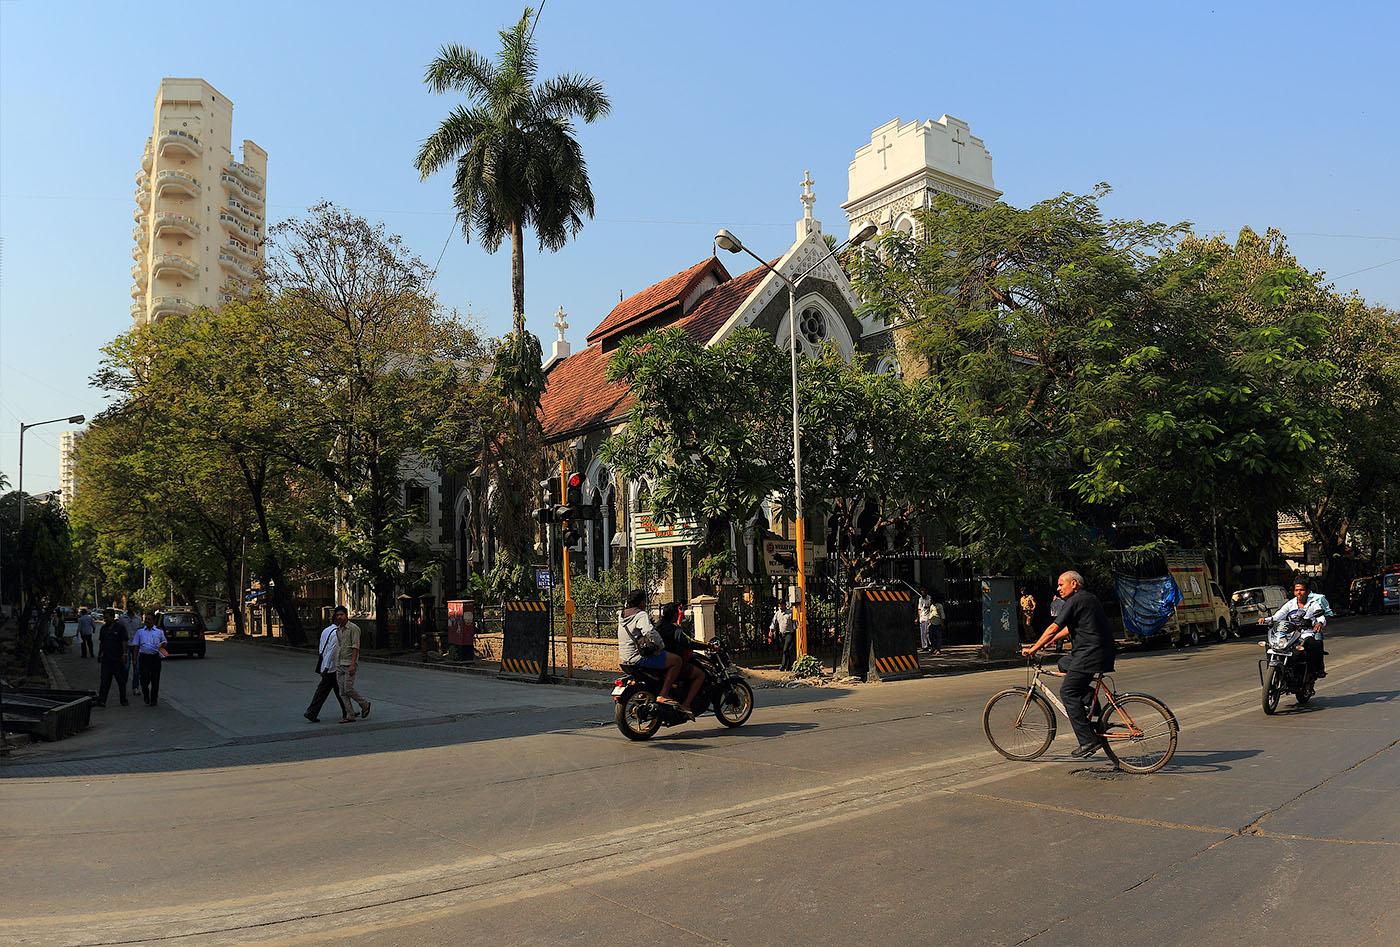 Фотография 6. Поездки в Мумбаи. Отзывы туристов. Католический храм на улице Козуэй (камера Canon EOS 6D, объектив Canon 17-40/4L, настройки при съемке: 1/320, f/6.3, -1EV, ISO 100, 21)